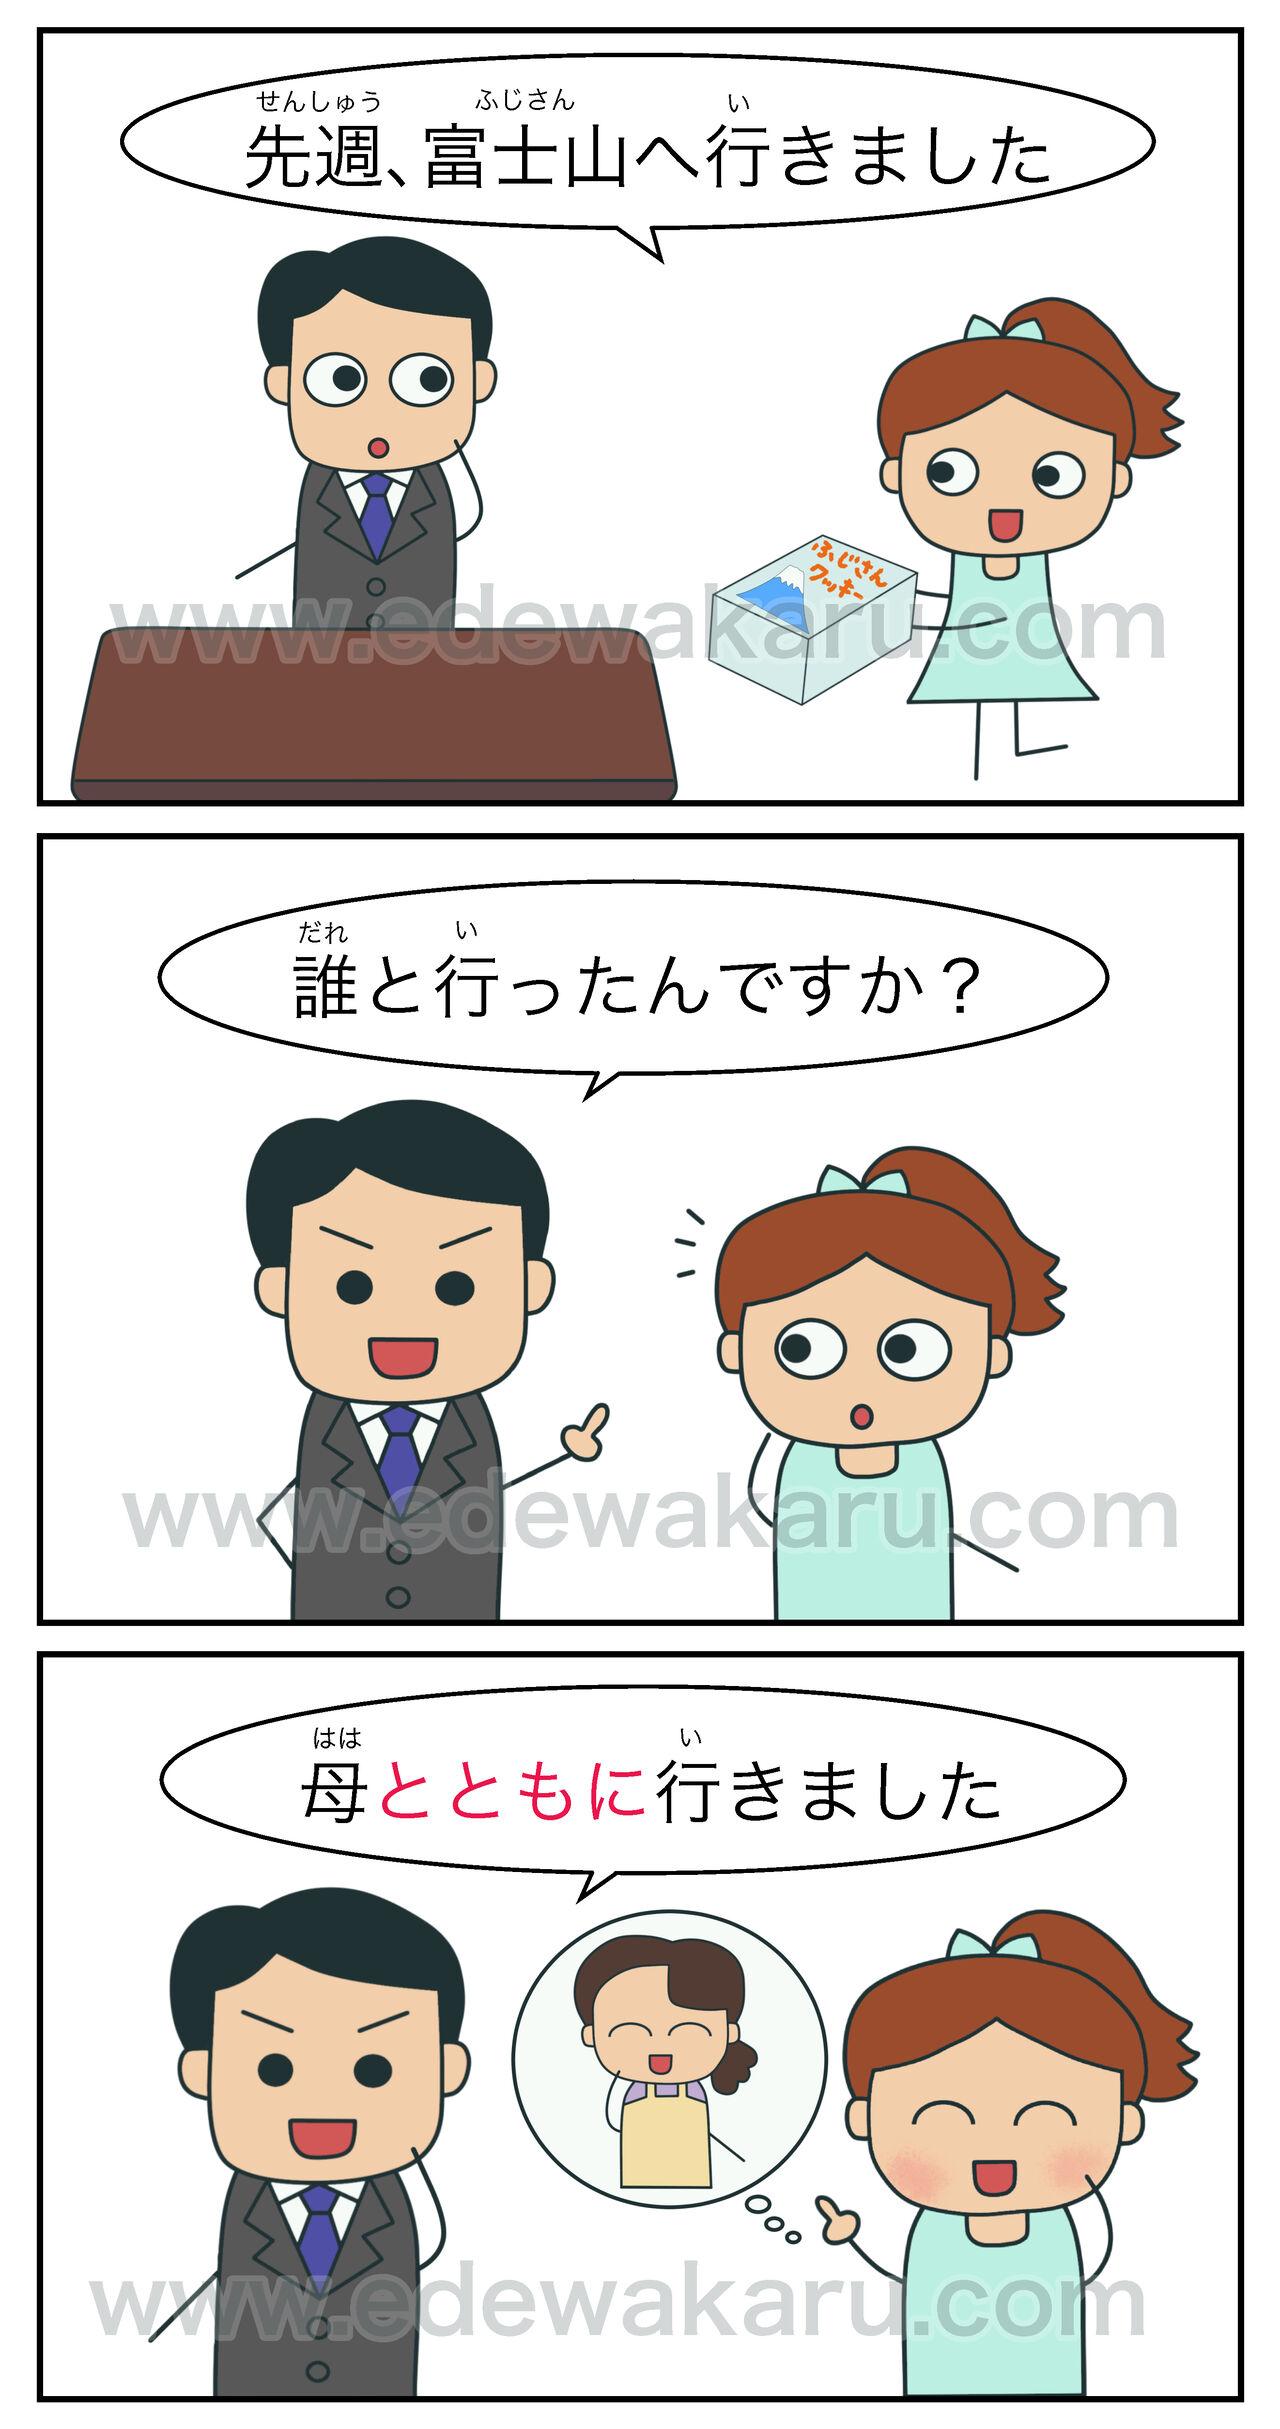 とともに①(一緒) 日本語能力試験 JLPT N3 : 絵でわかる日本語